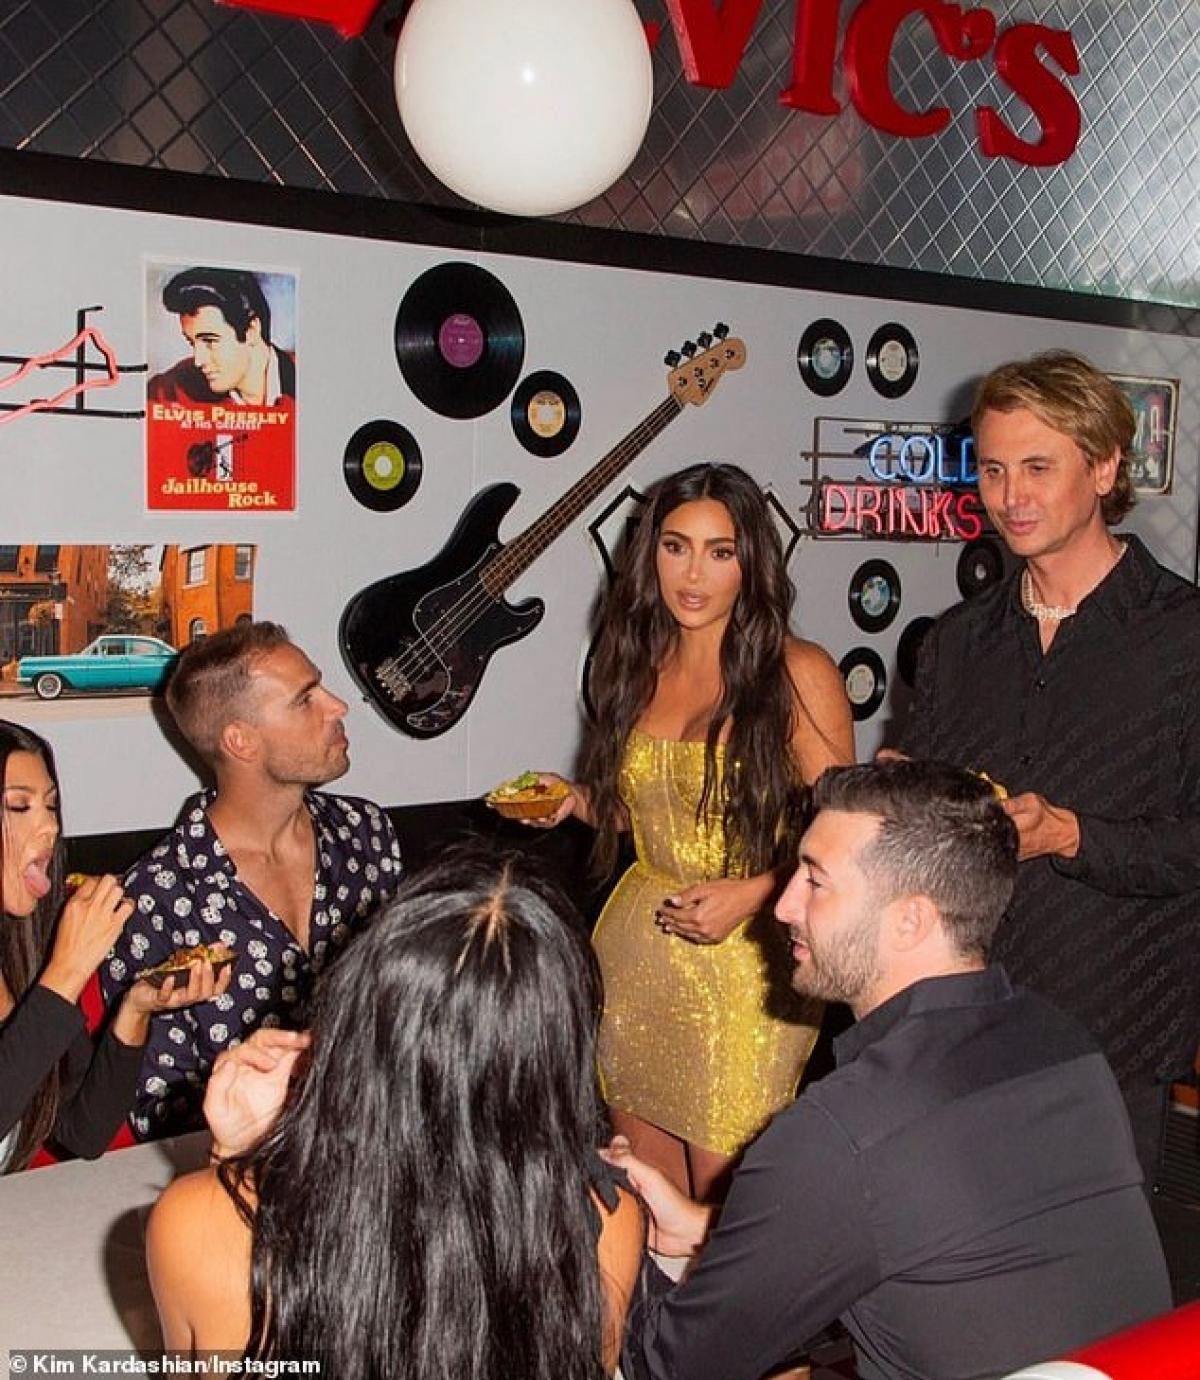 """Mới đây, Kim Kardashian được tạp chí Forbes vinh danh là sao nữ giàu thứ hai nước Mỹ với khối tài sản ròng khoảng 780 triệu đô, chỉ sau """"nữ hoàng truyền hình"""" Oprah Winfrey."""